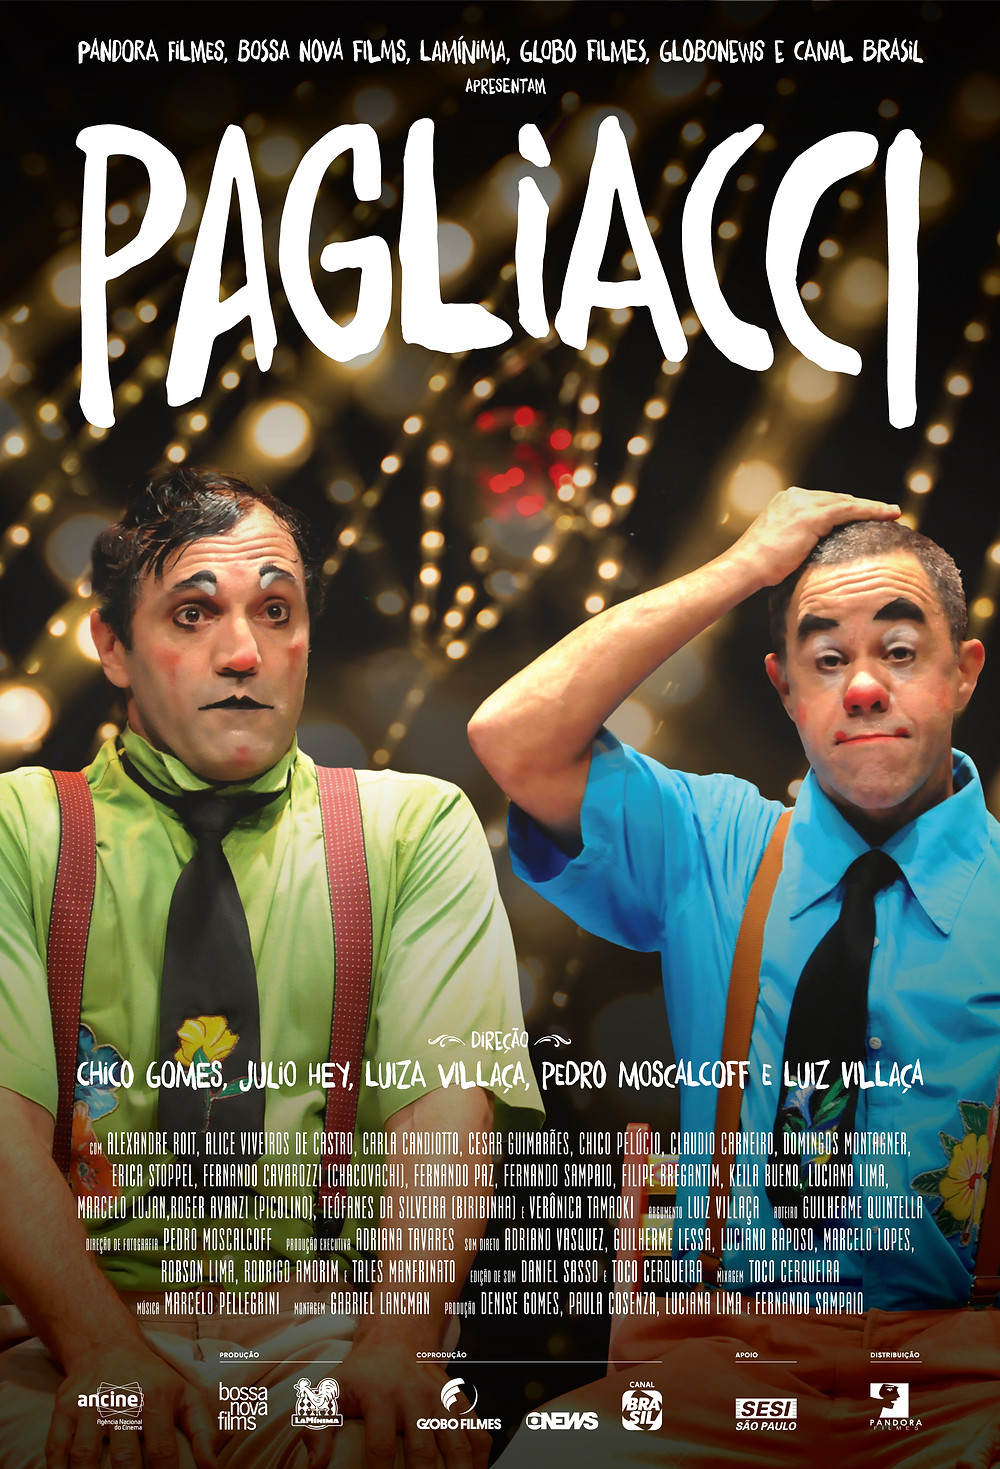 Cartaz do documentário Pagliacci (2018) | Divulgação (Pandora Filmes)